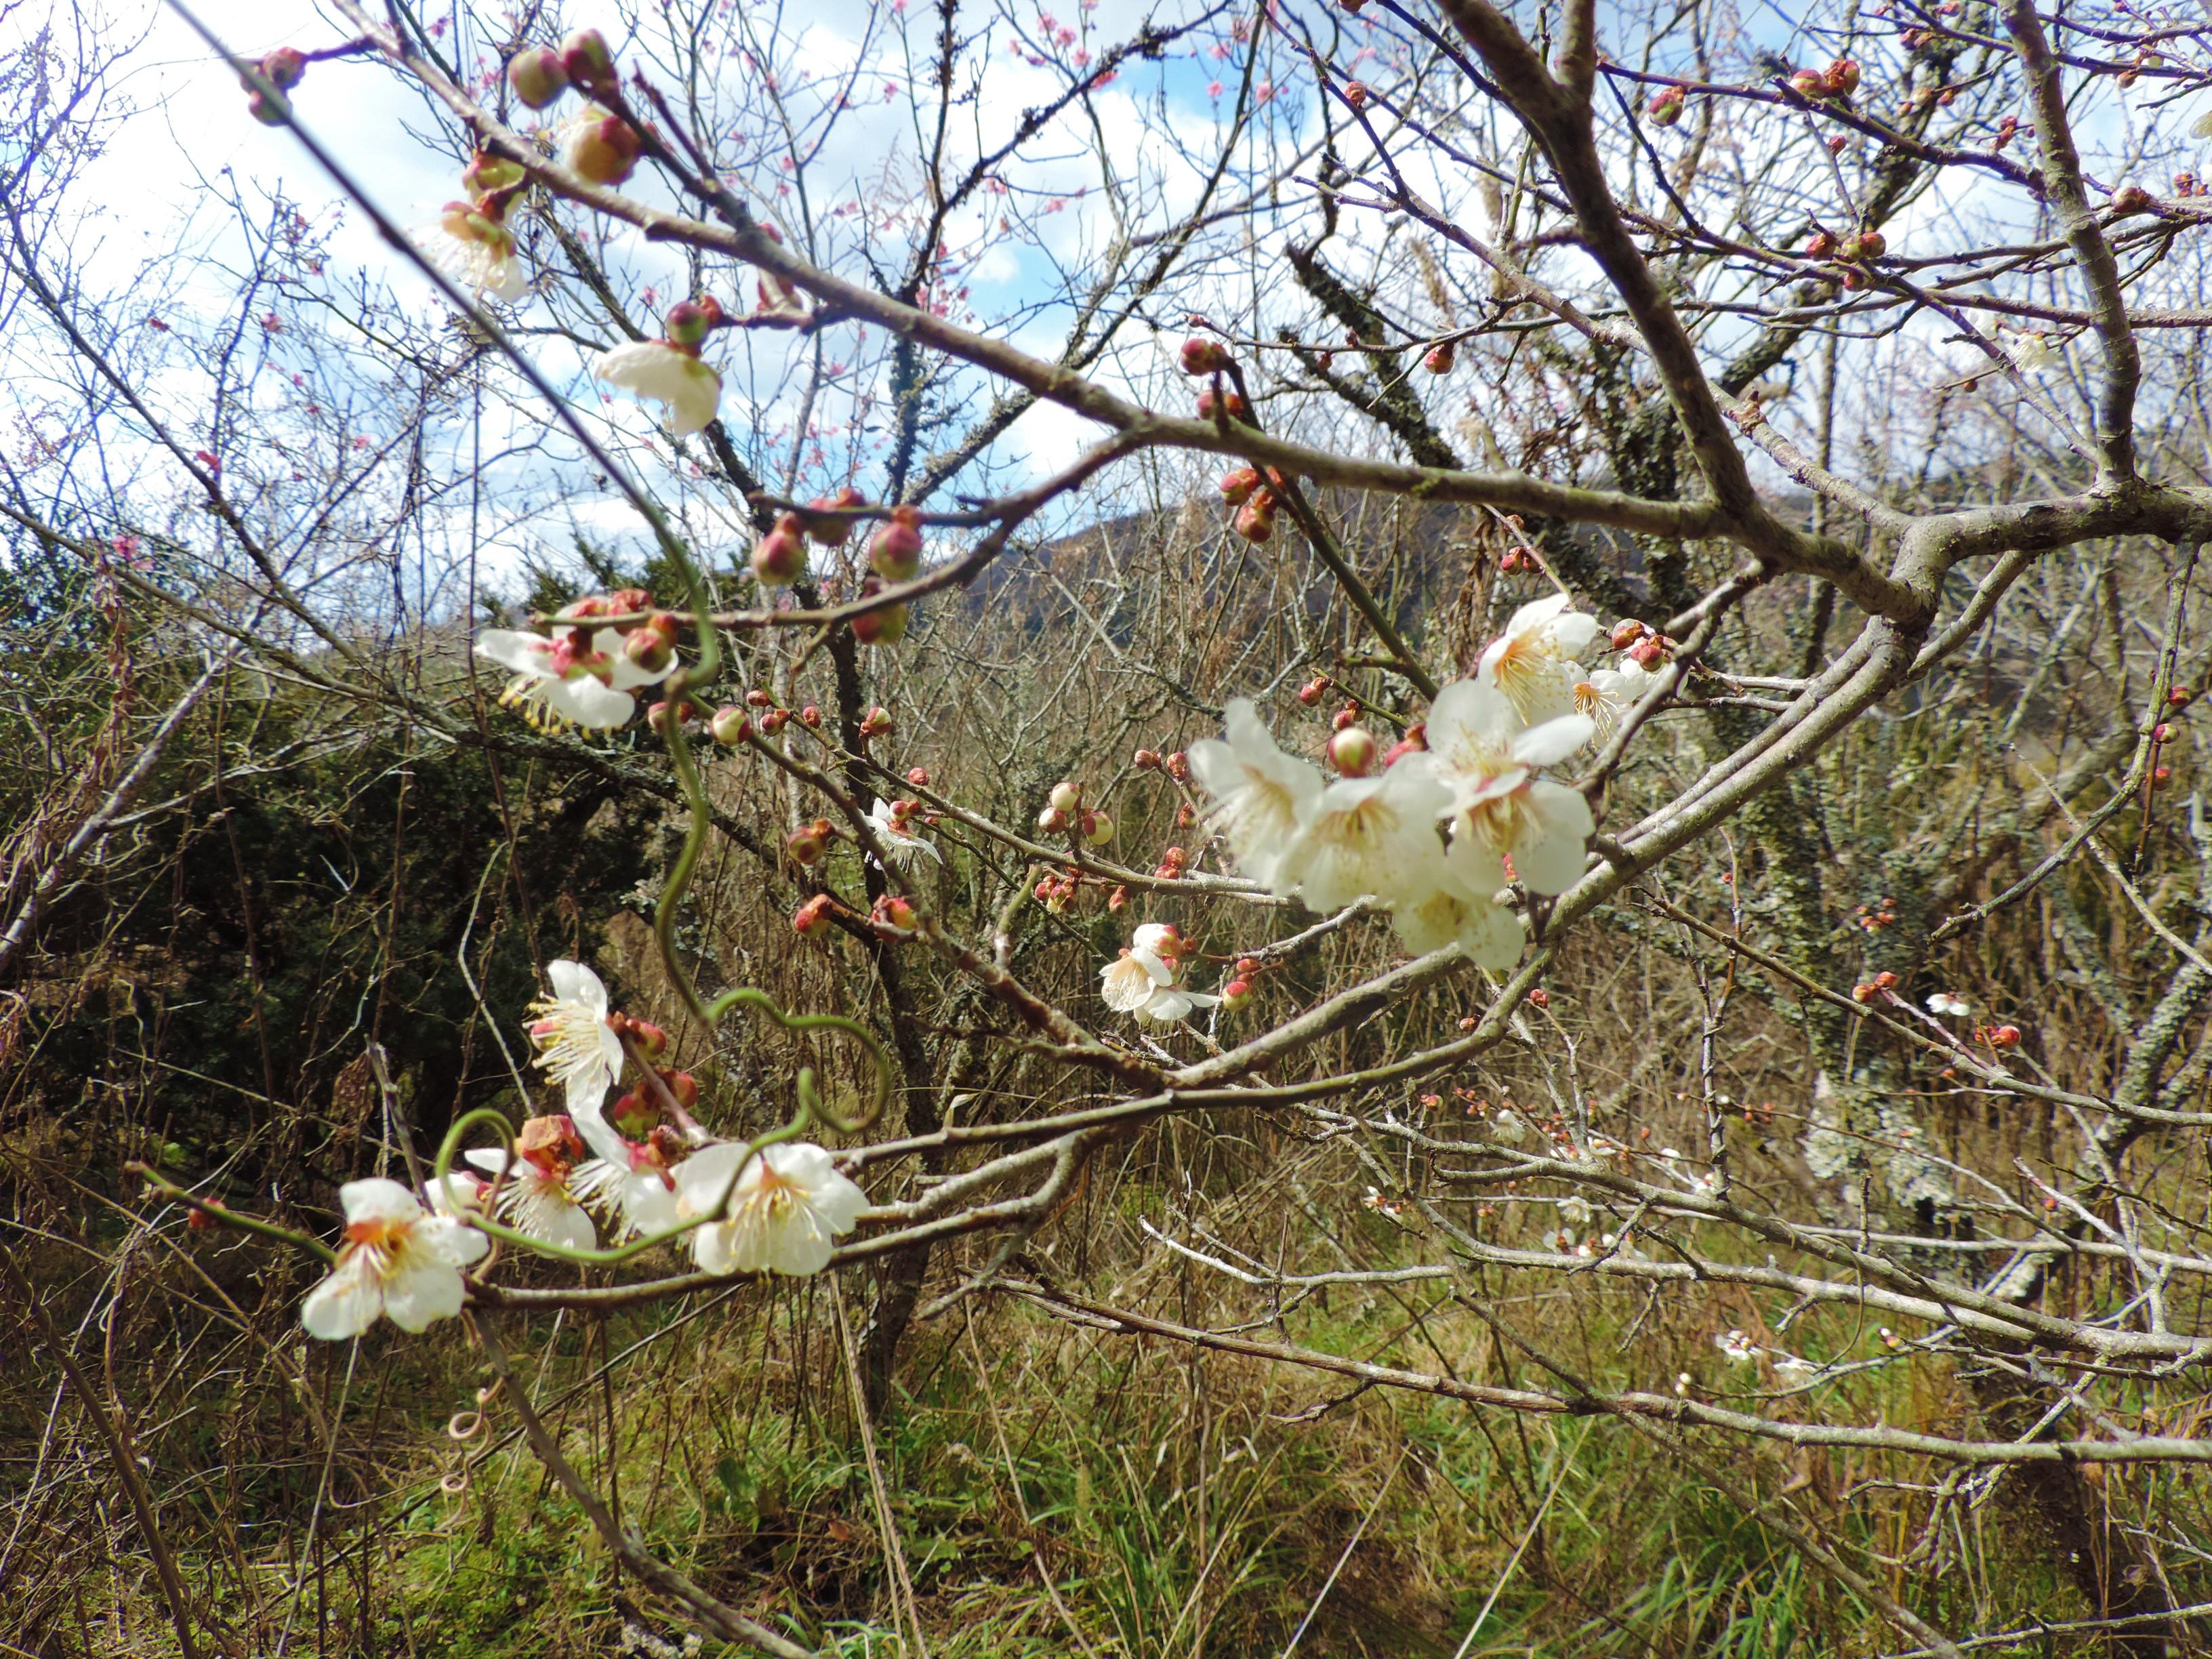 伊賀教室周辺のお花たちをご紹介します!